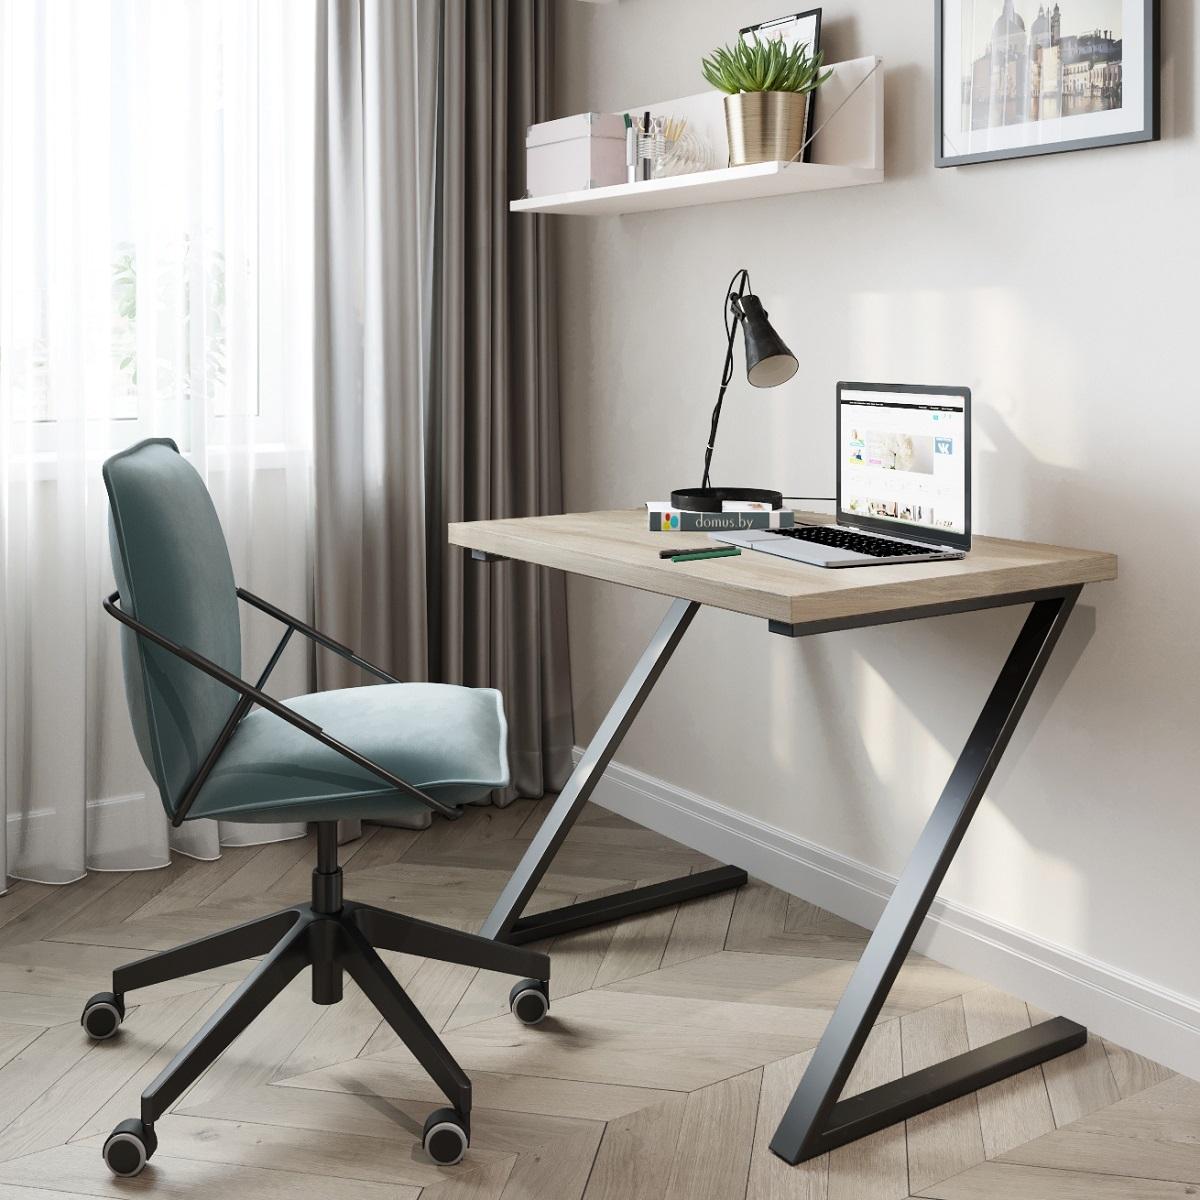 Письменный стол ДОМУС СП012 вяз светлый/металл черный